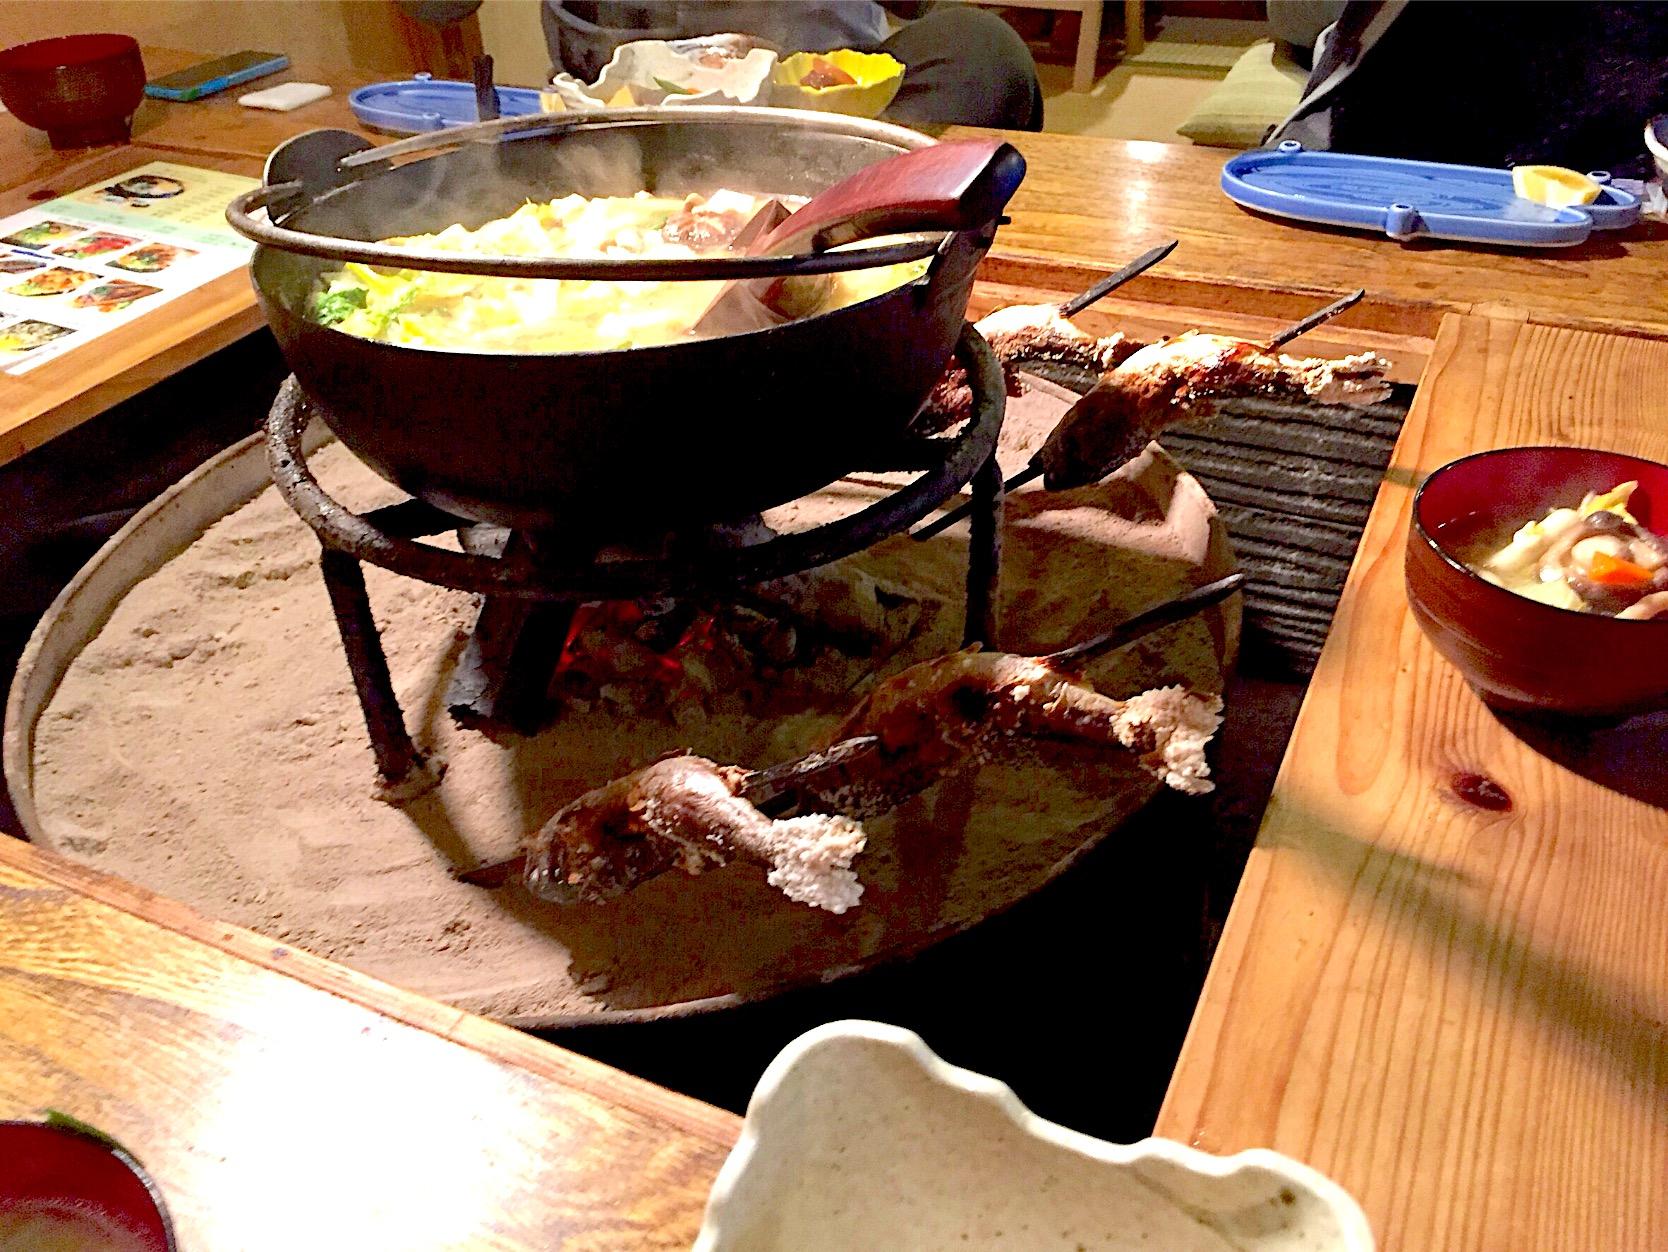 【郷土料理ひめ路】阿蘇市乙姫!熊本の郷土料理を存分に味わえちゃう